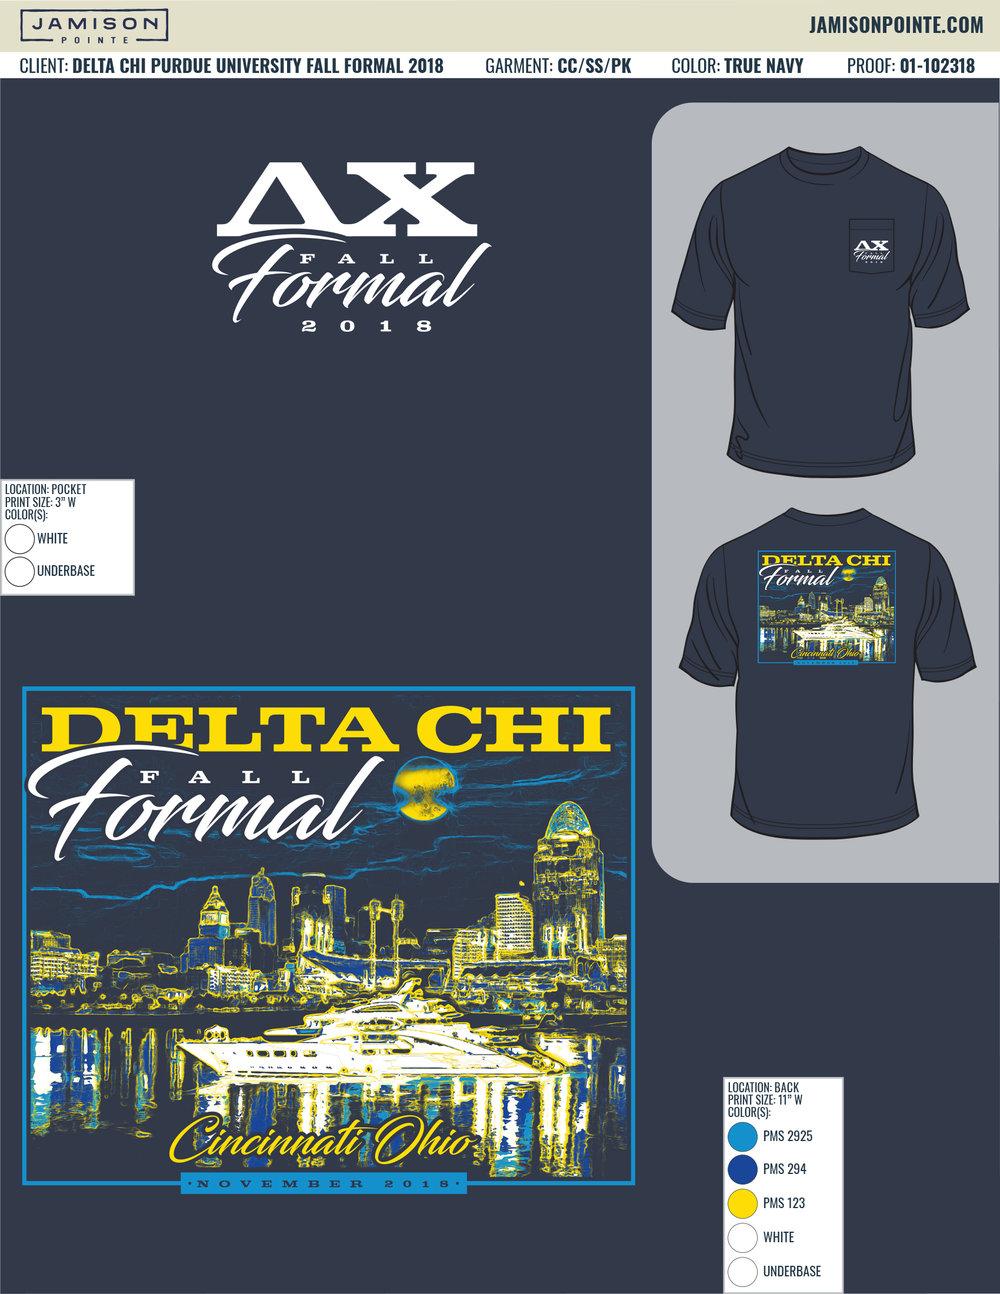 01-102318 Delta Chi Purdue University Fall Formal 2018.jpg